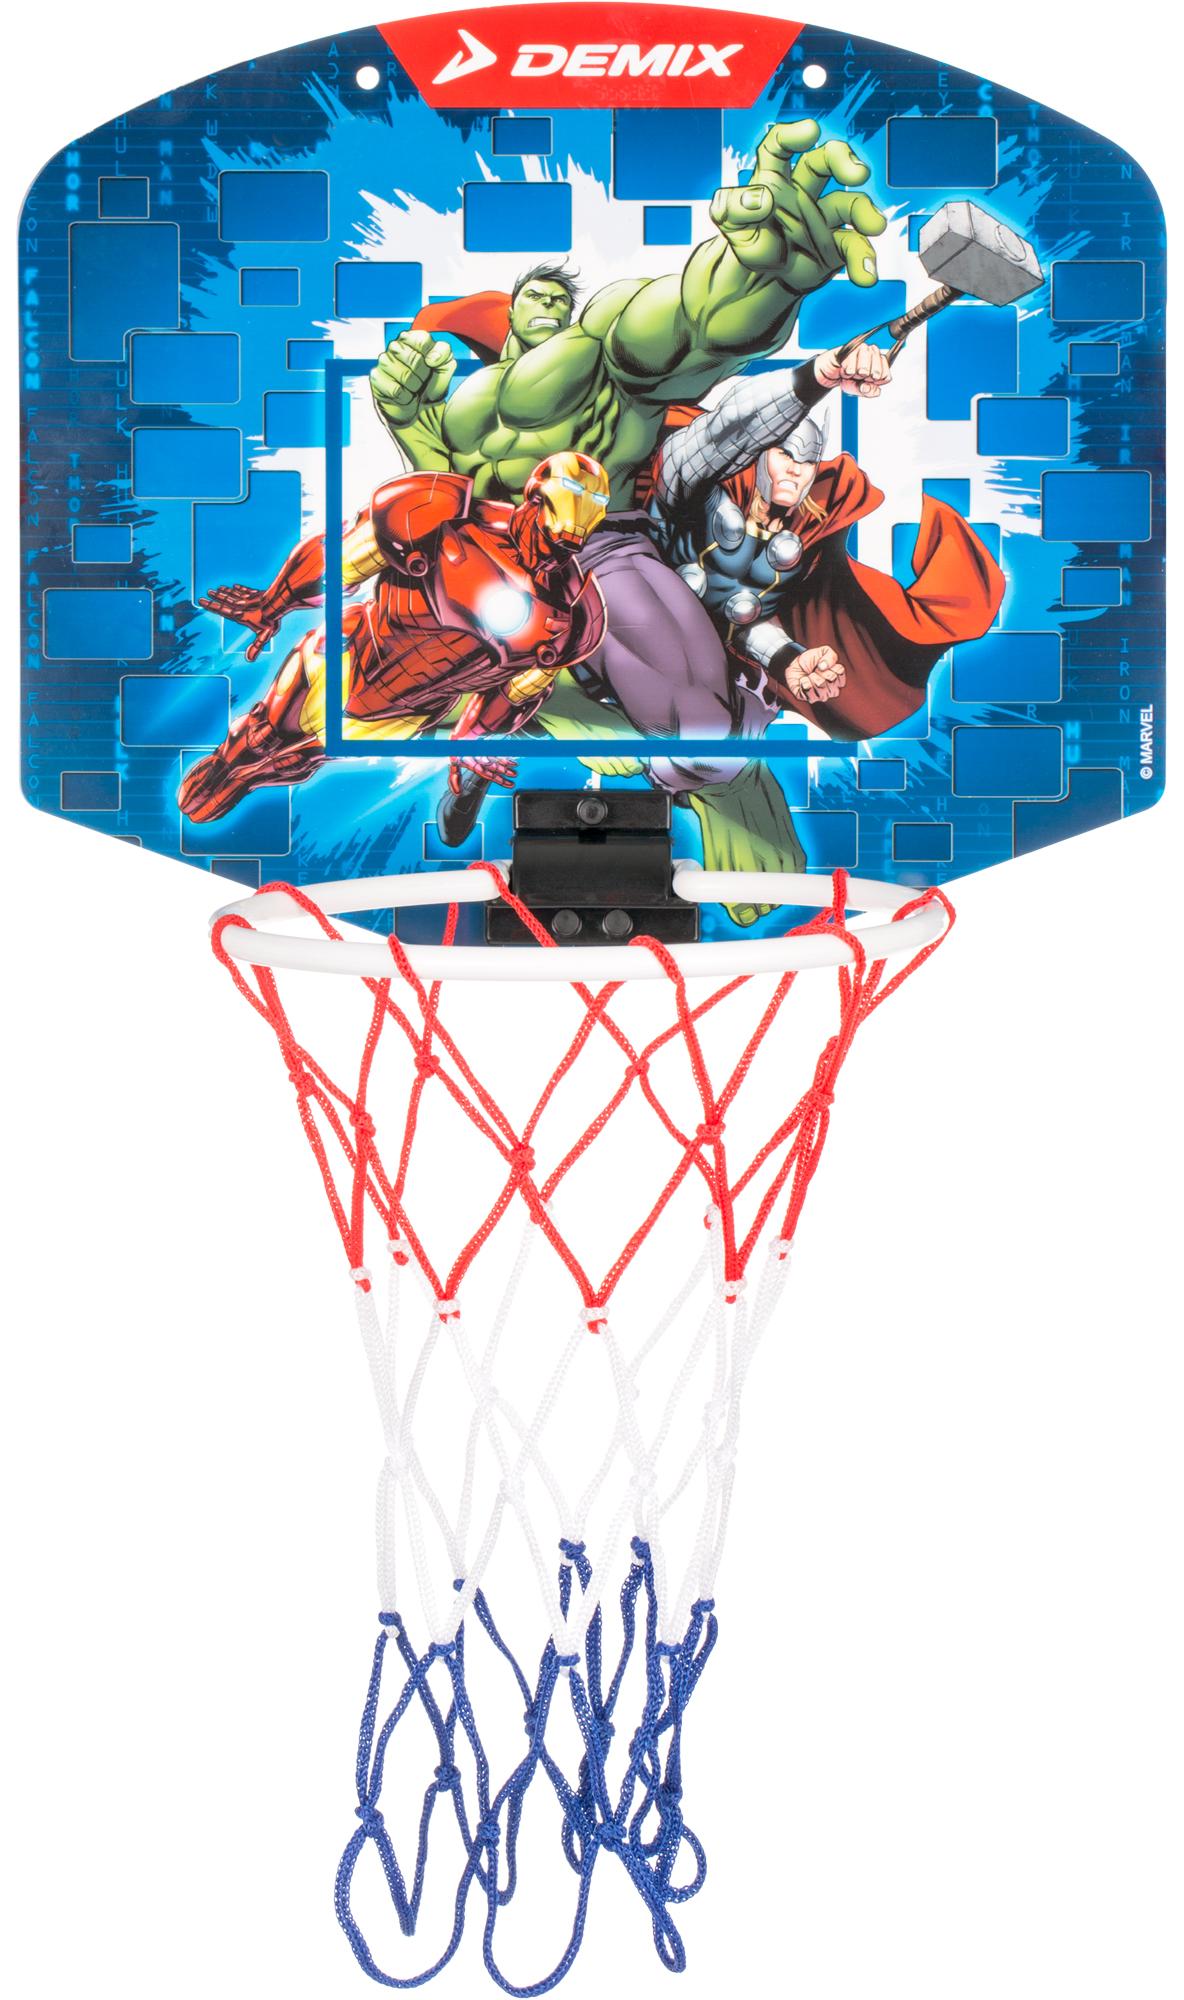 Demix Набор для баскетбола: мяч и щит